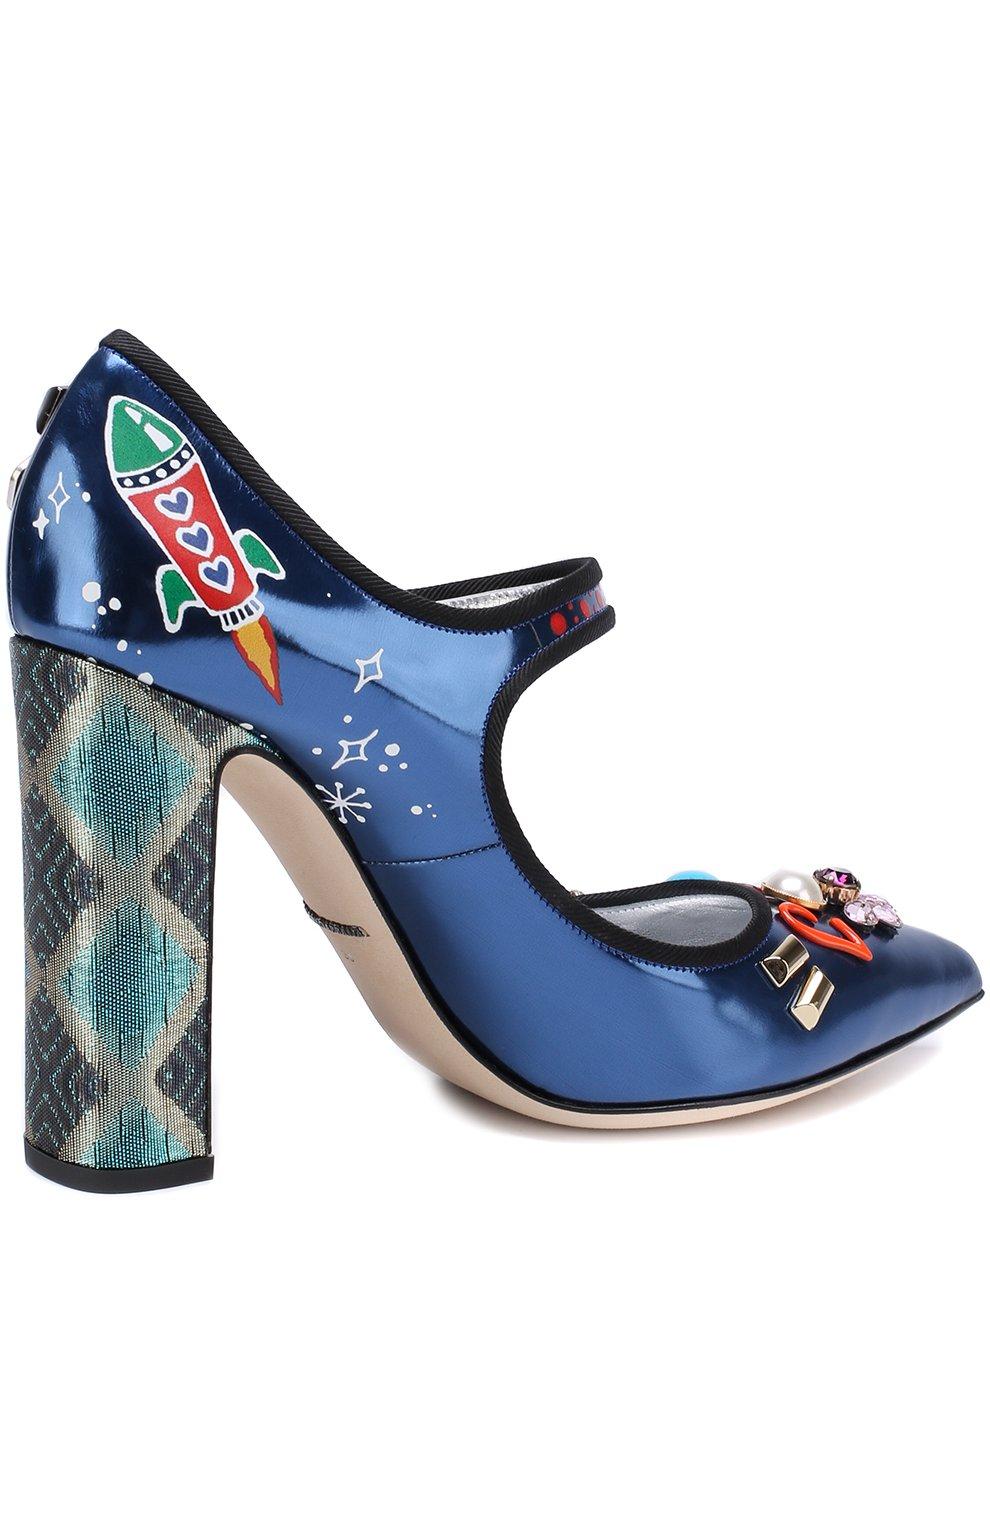 Кожаные туфли Vally с декоративной отделкой Dolce & Gabbana синие | Фото №4